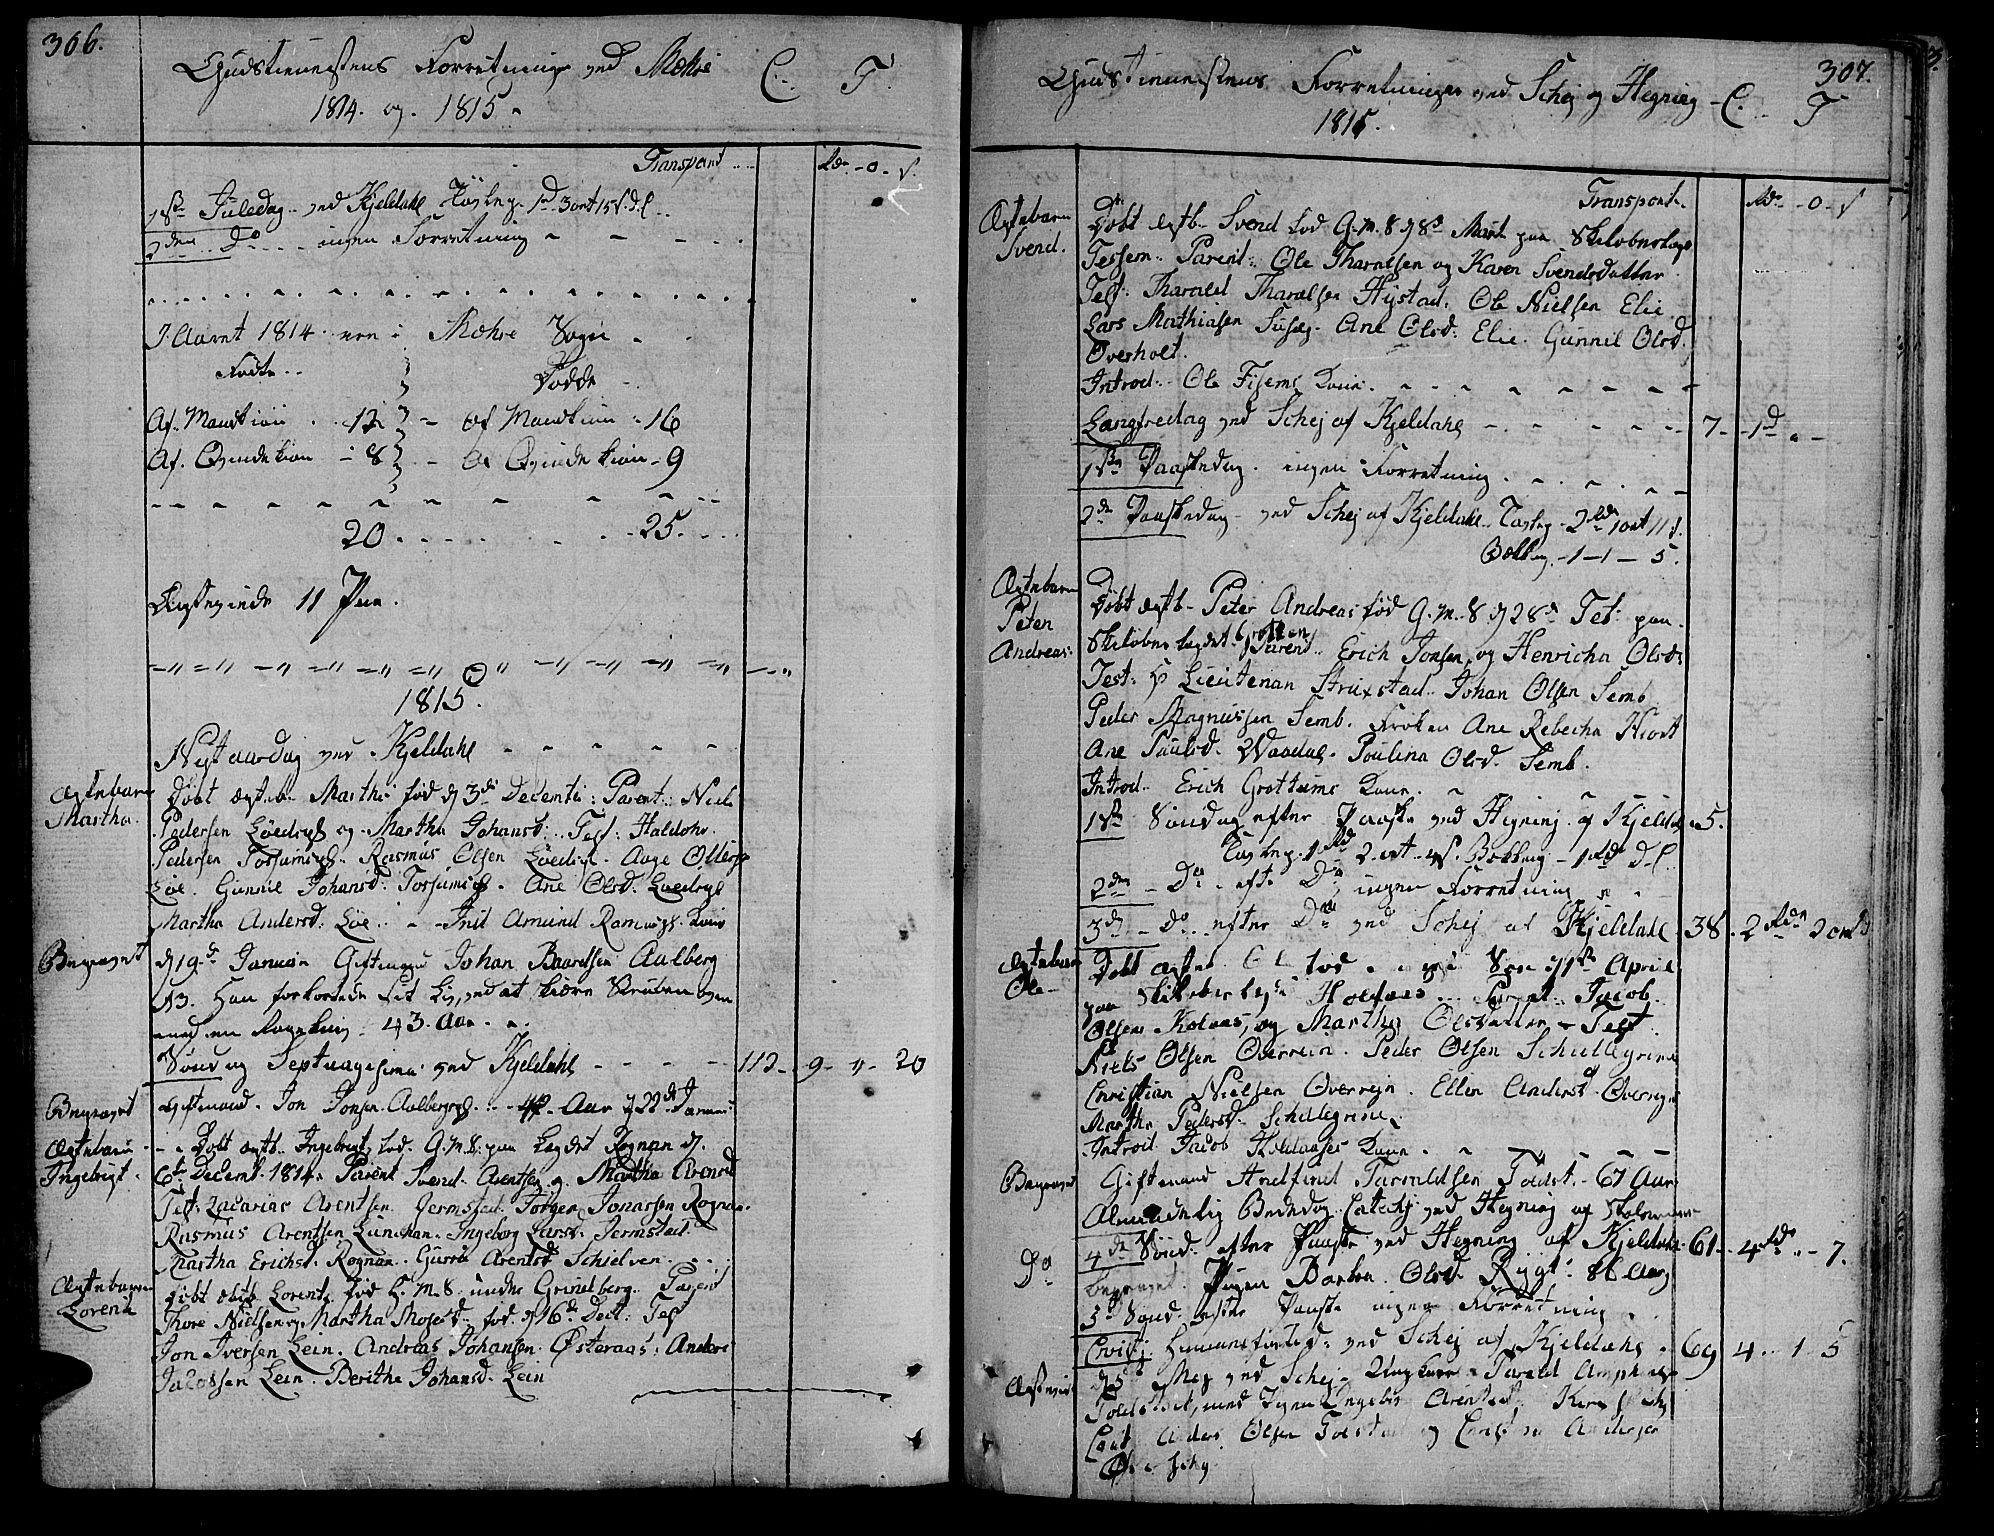 SAT, Ministerialprotokoller, klokkerbøker og fødselsregistre - Nord-Trøndelag, 735/L0332: Ministerialbok nr. 735A03, 1795-1816, s. 306-307